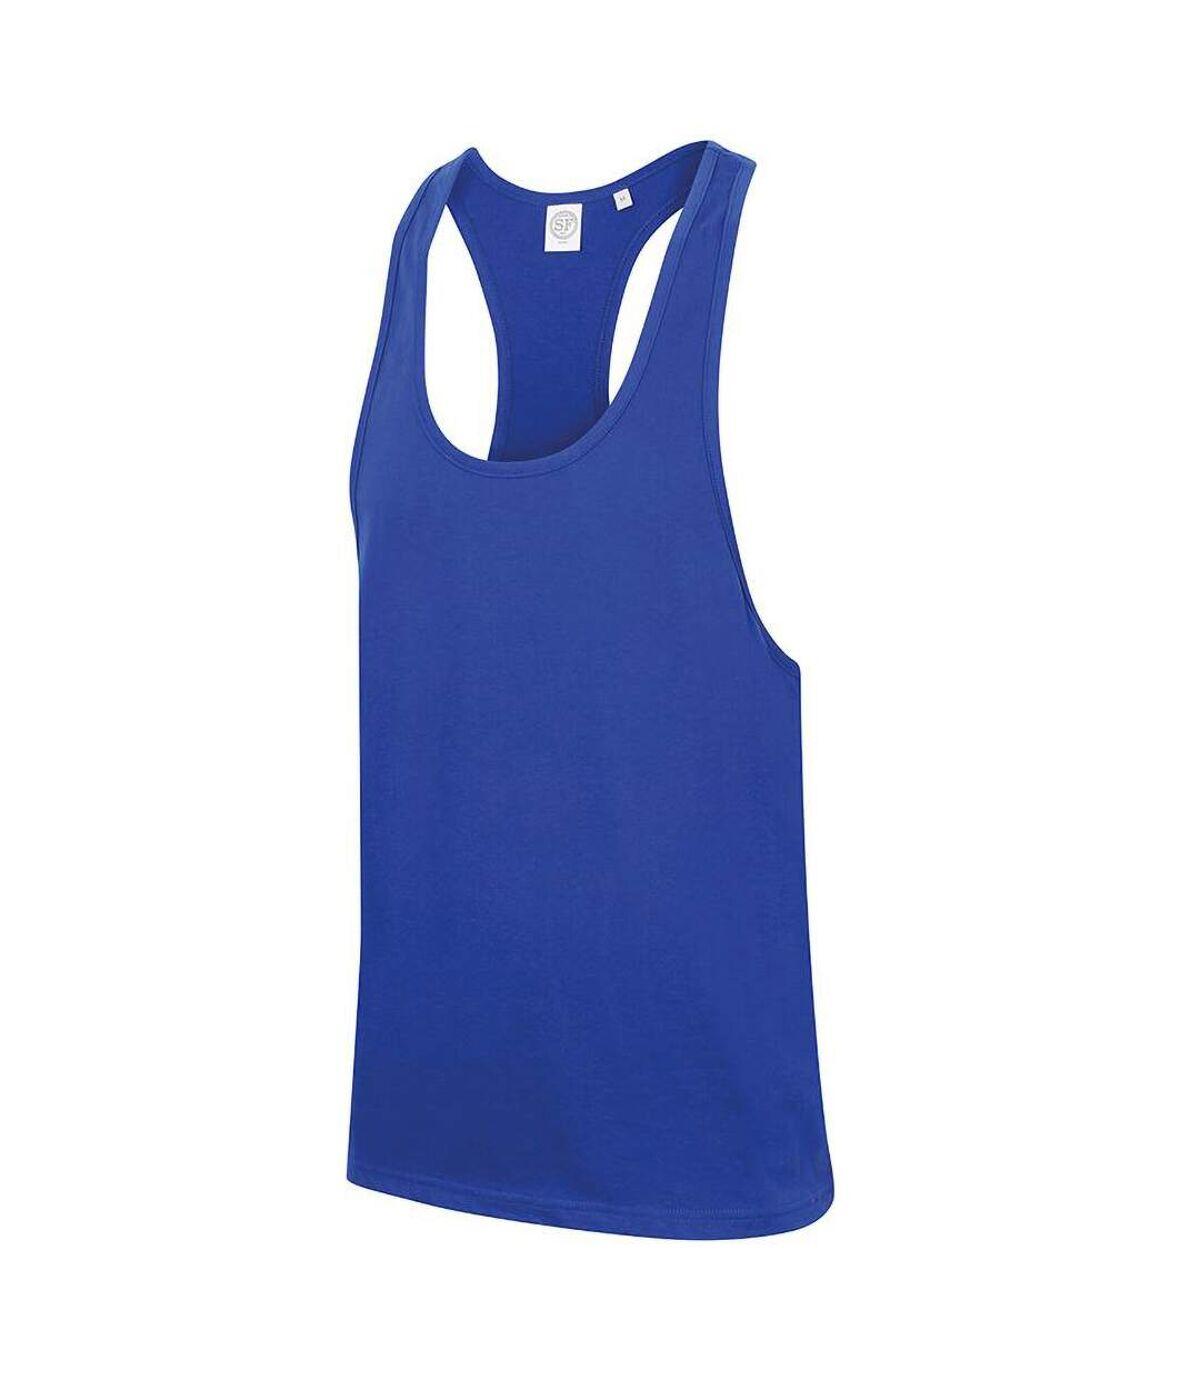 Skinnifit Mens Plain Sleeveless Muscle Vest (Royal) - UTRW4741